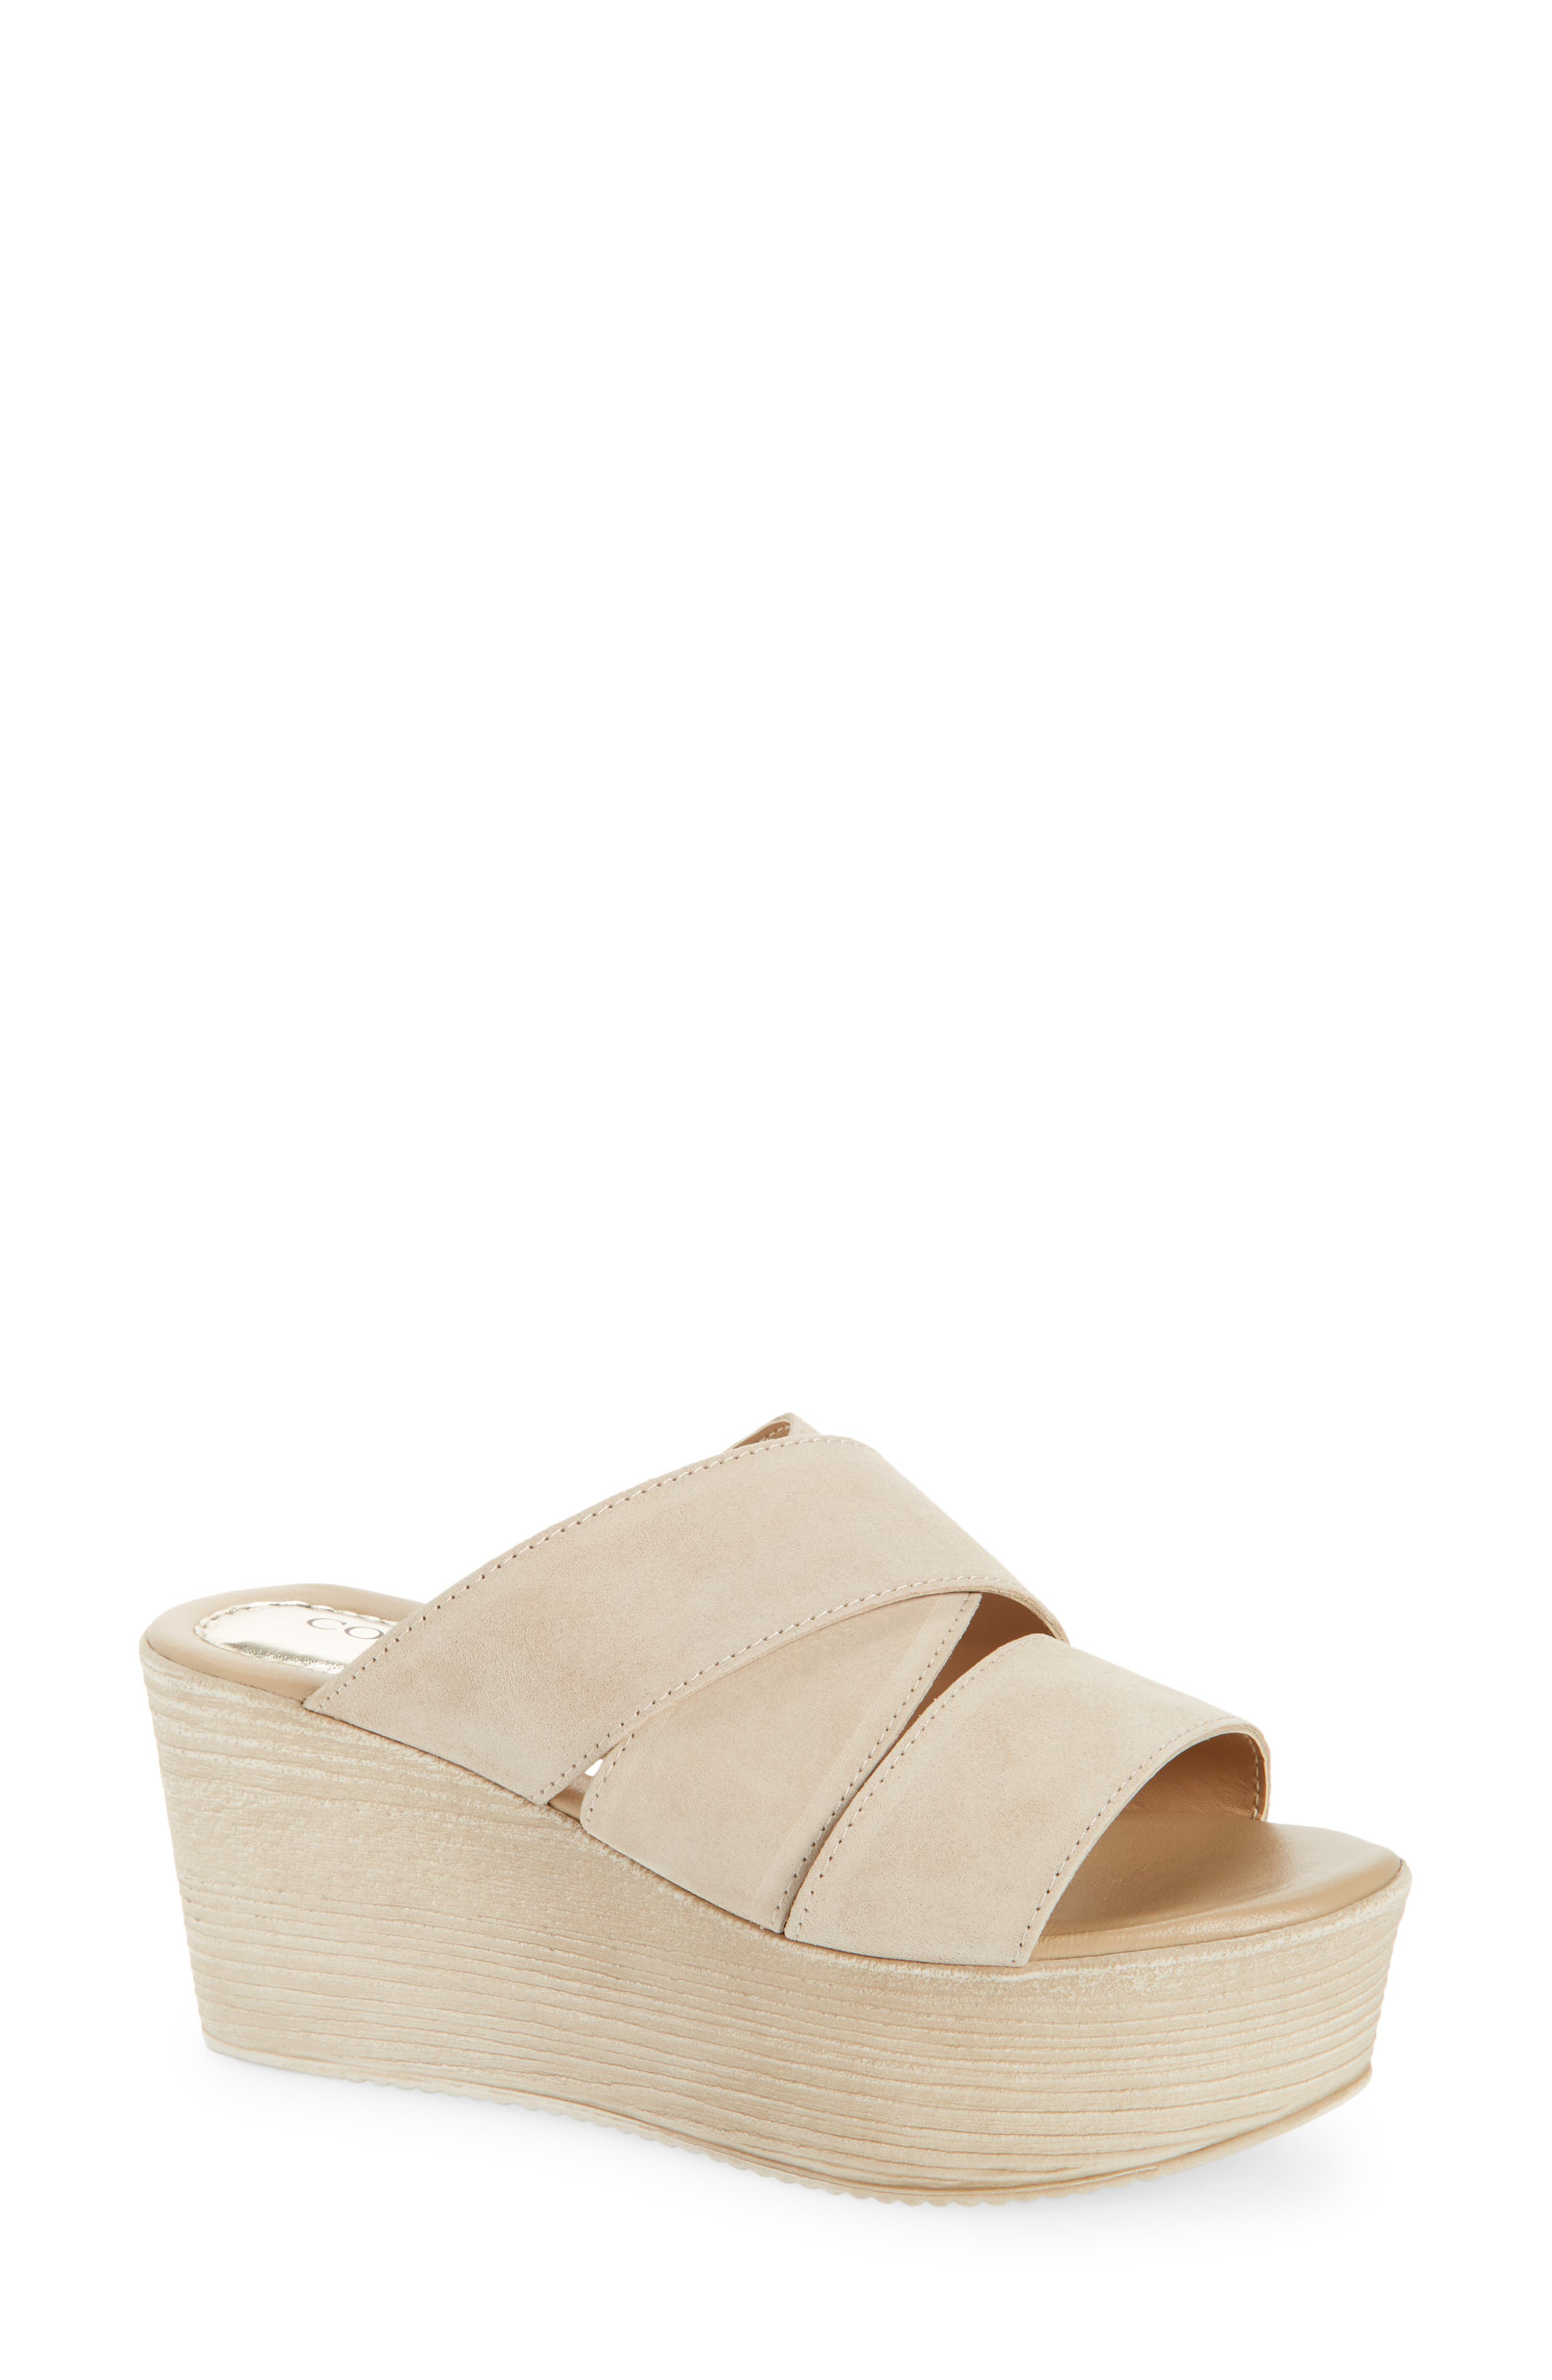 Bennie Platform Wedge Sandal